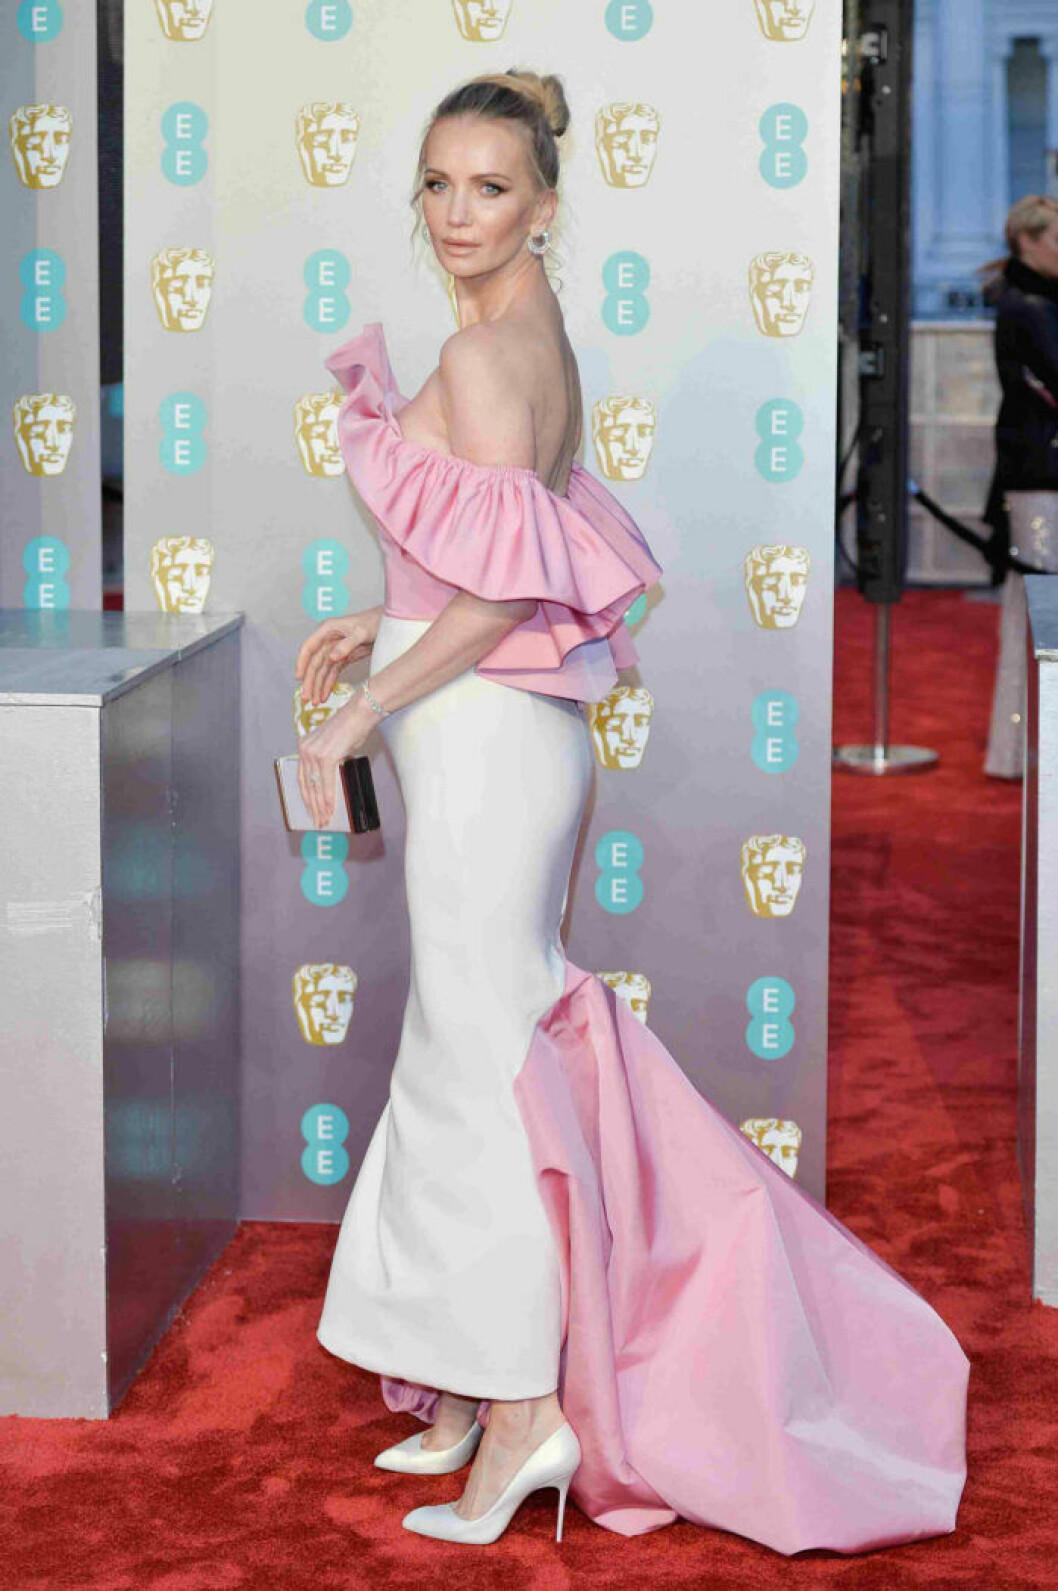 Tatiana Korsakova på BAFTA 2019